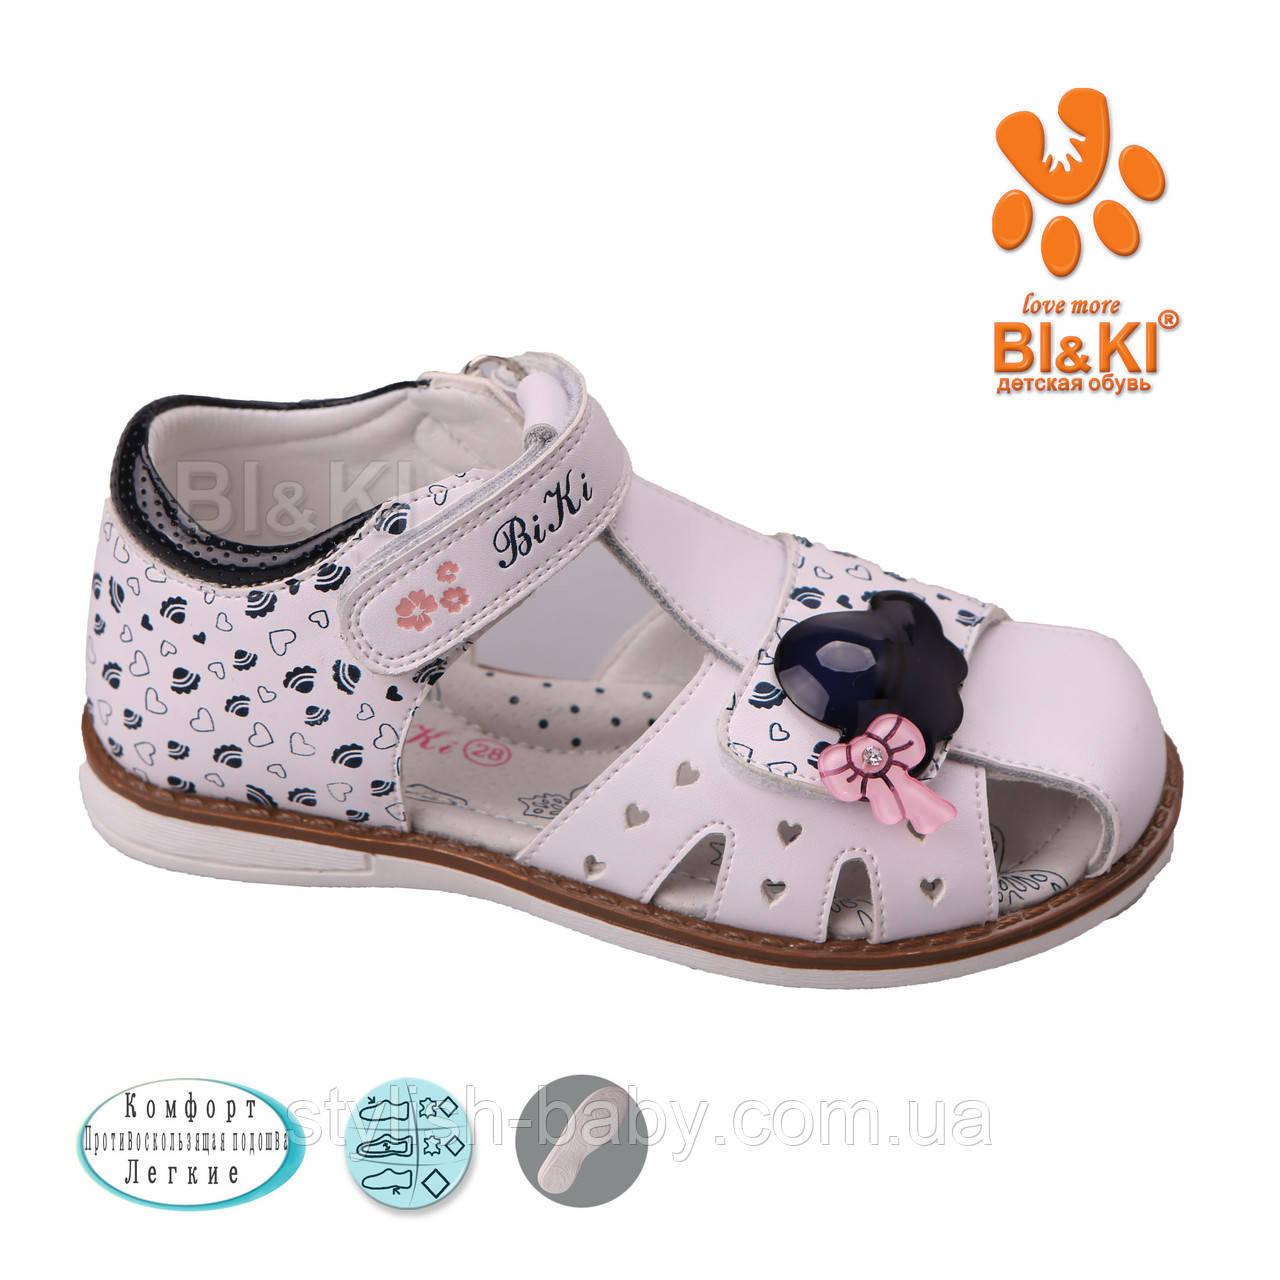 Детская летняя обувь 2018. Детские босоножки бренда Tom.m (Bi&Ki) для девочек (рр. с 27 по 32)